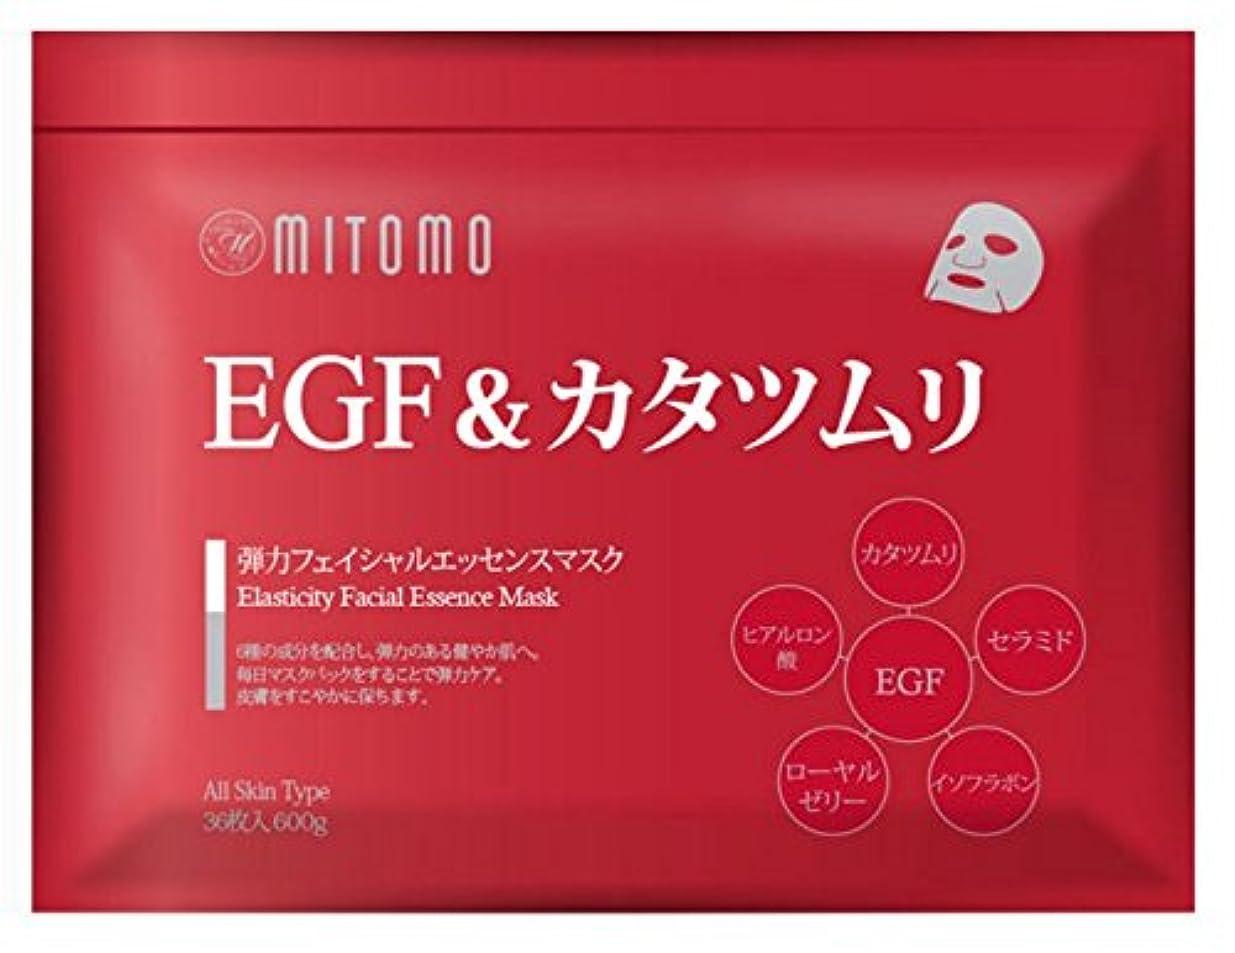 一致引き潮天文学【MITOMO/美友】フェイスマスク?シートマスク【MT001-E-0】EGF&カタツムリ36枚入